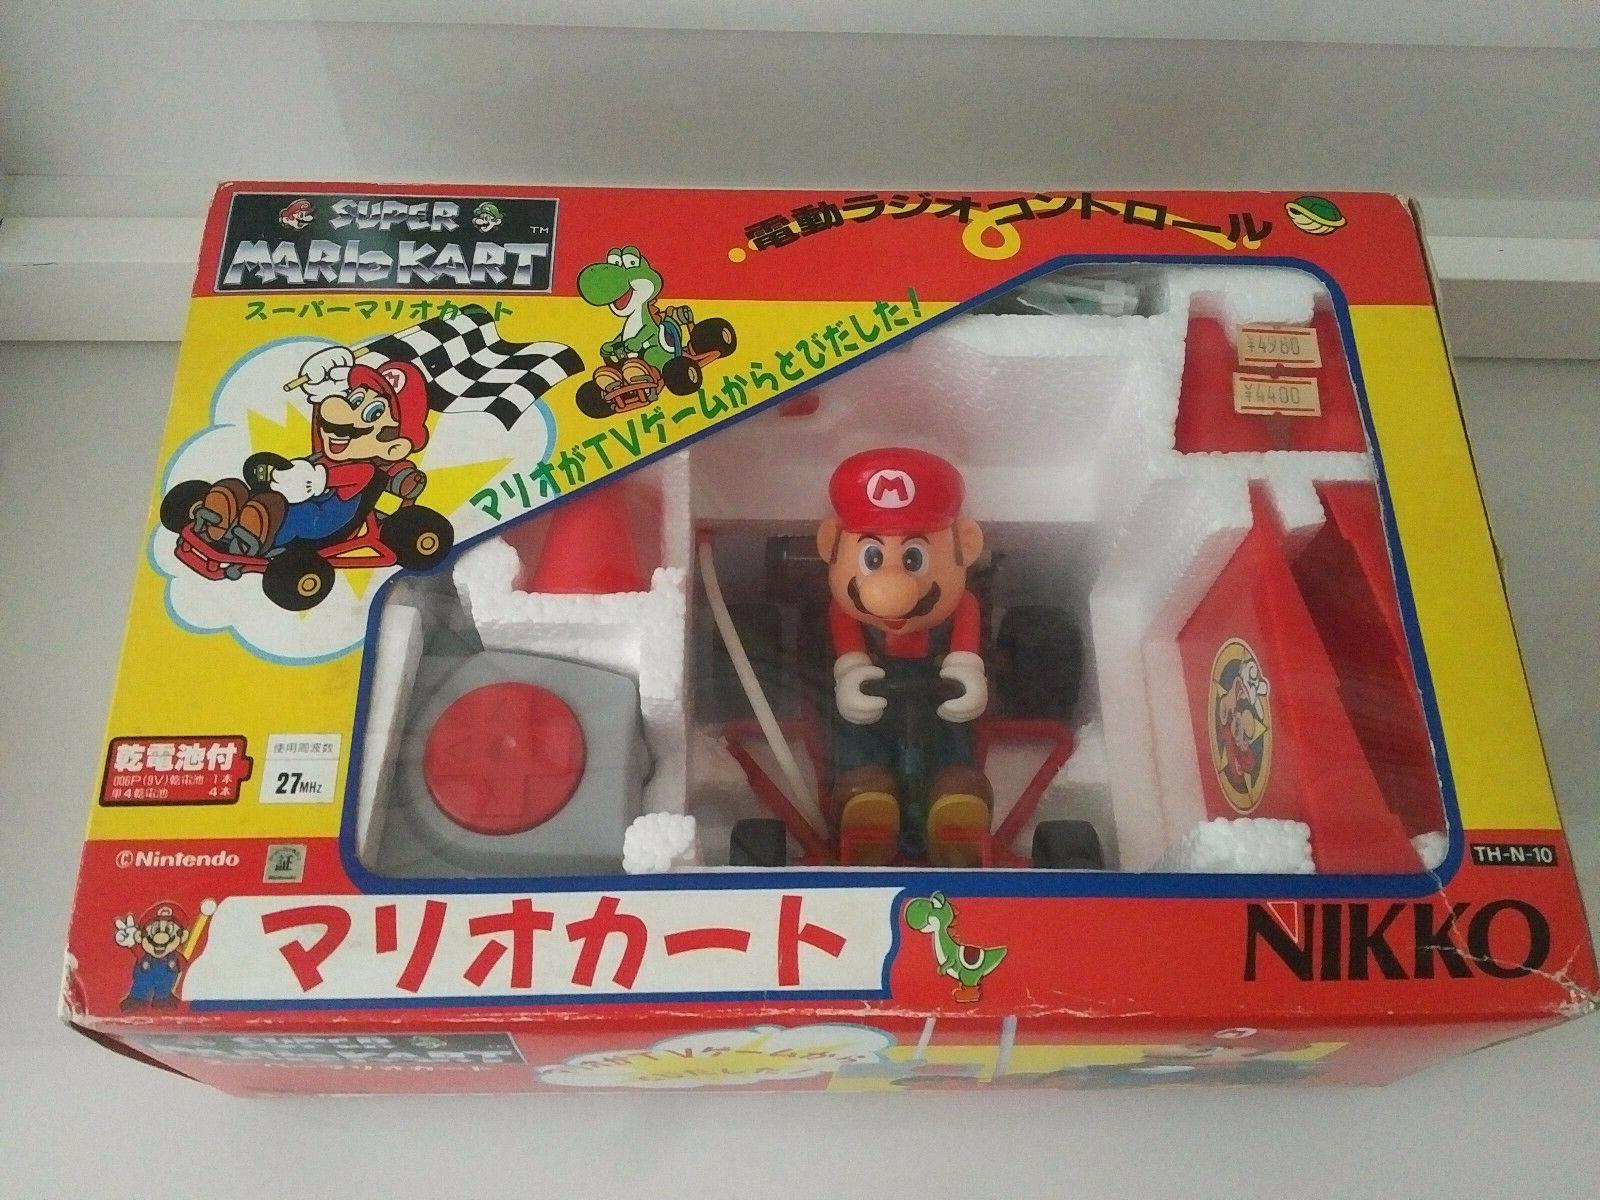 Super Mario Kart Snes NES Bros Nikko de control remoto RC coche 1991 Nuevo Raro Juguete Gem